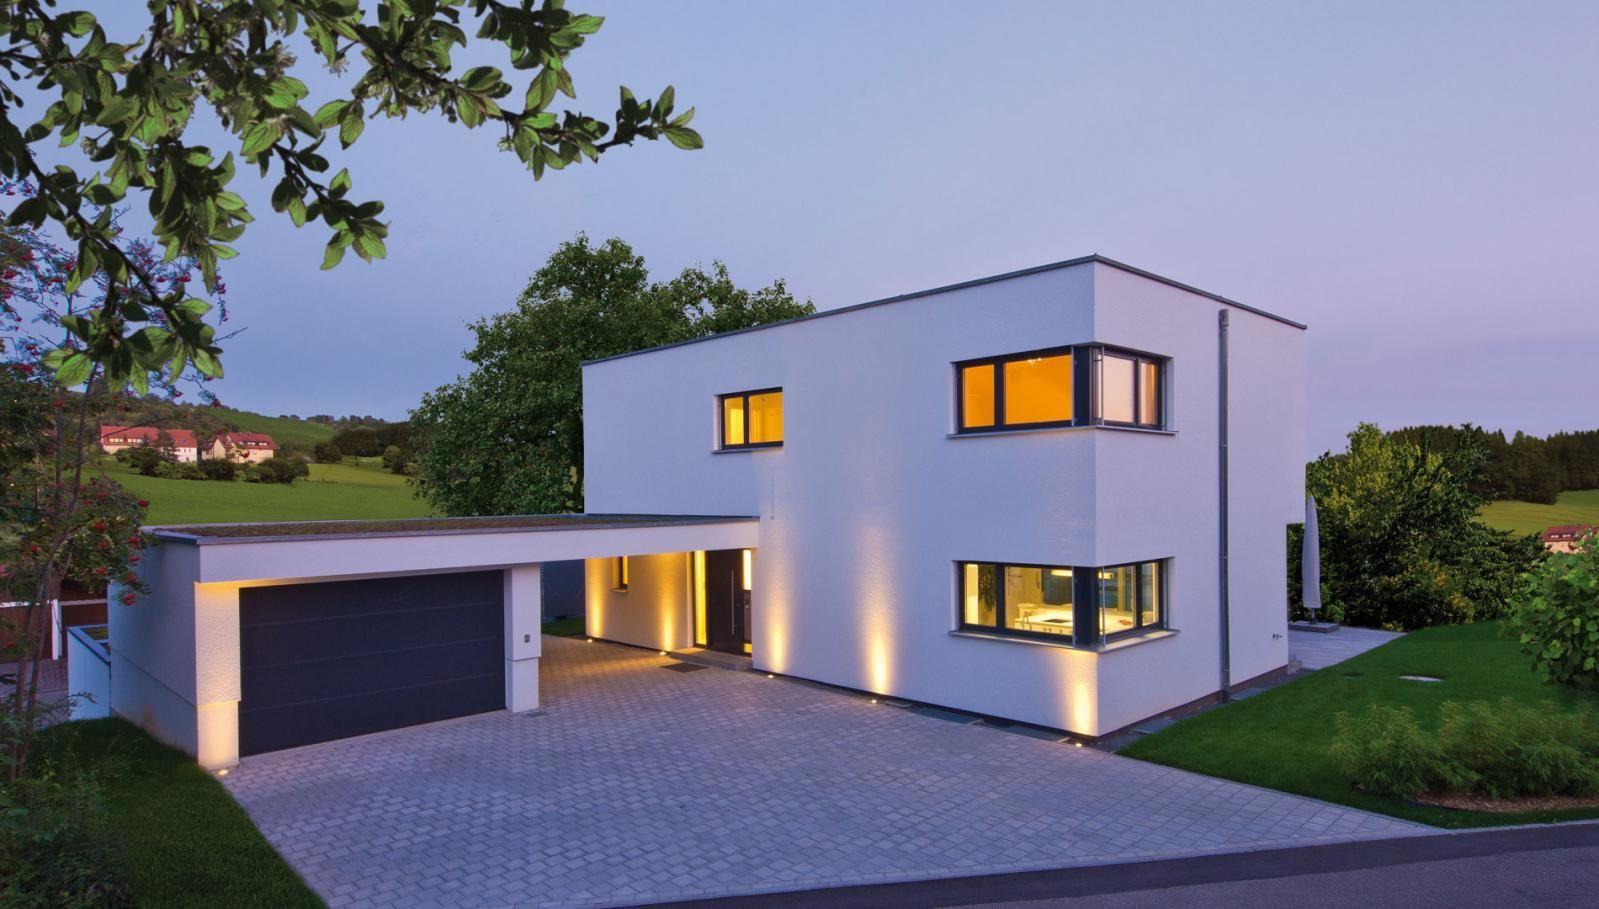 Fertighaus modern innen  Klassisches Bauhaus - außen reduzierte Architektur, innen ...